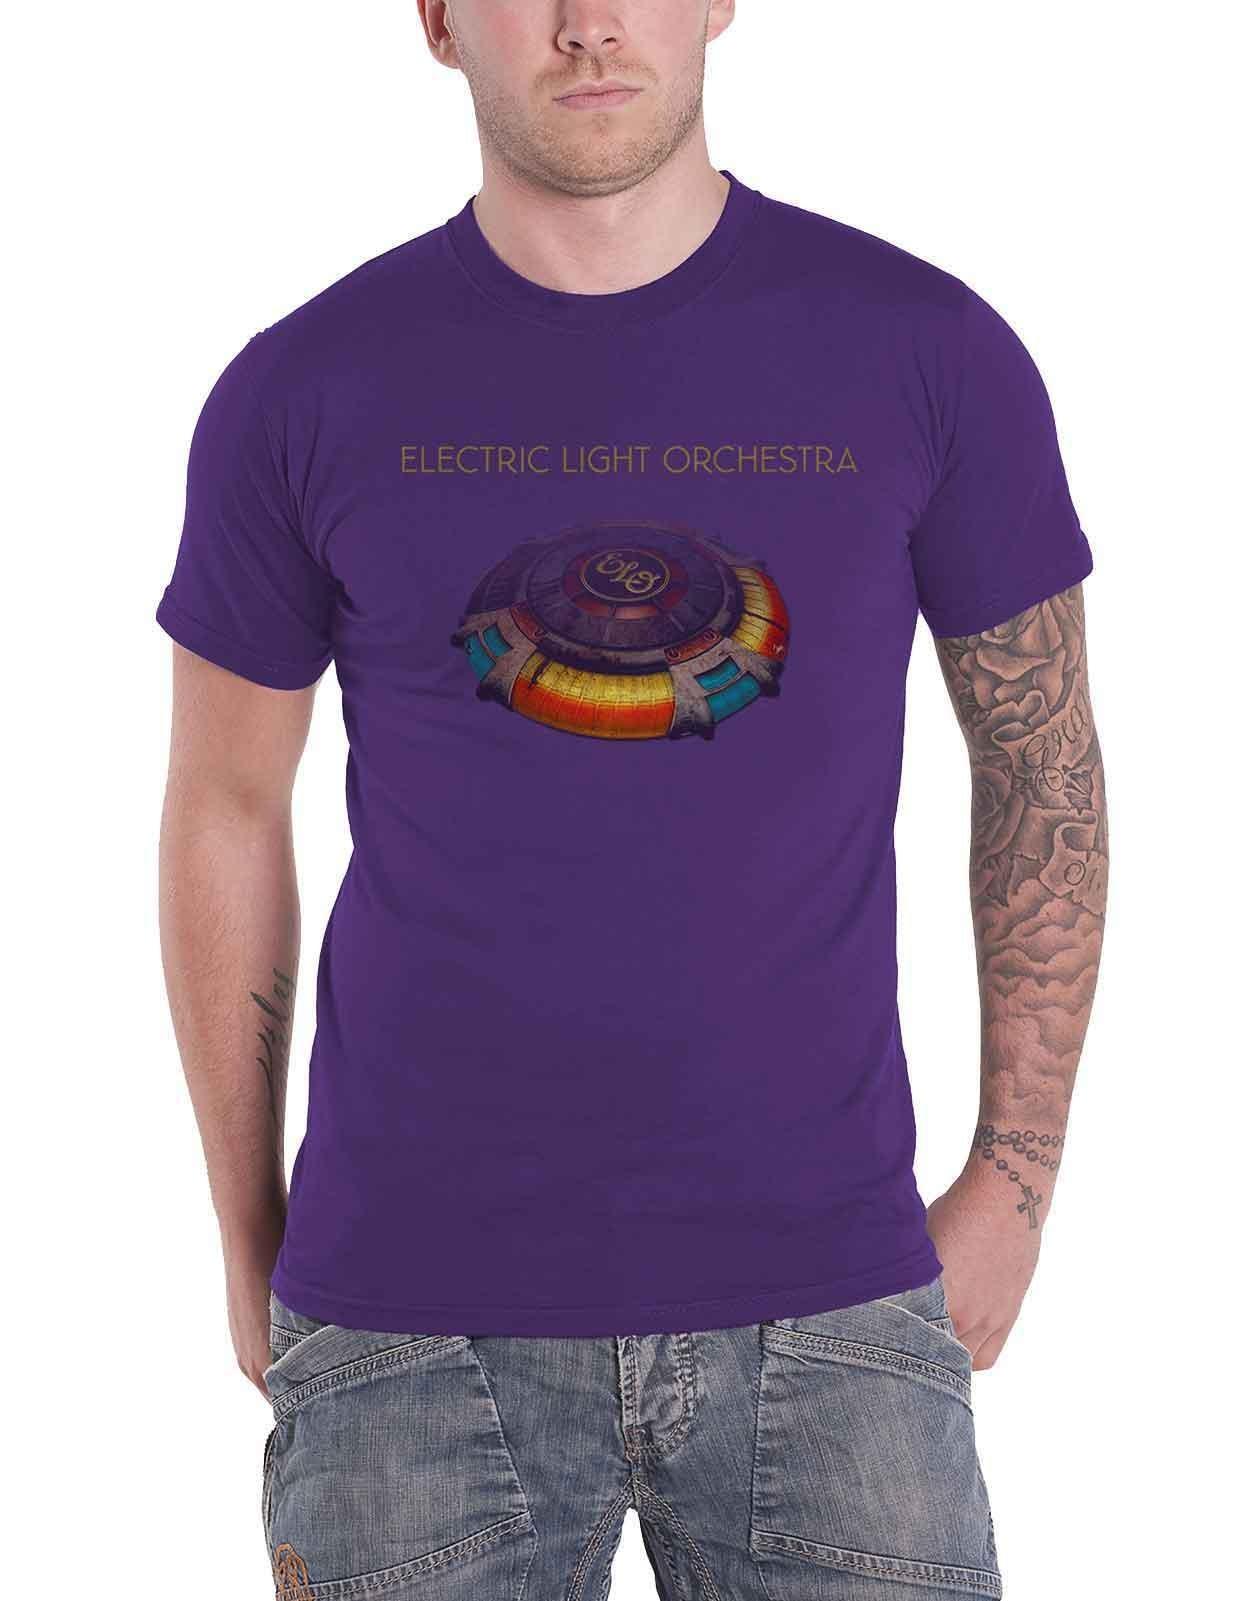 """ELECTRIC LIGHT ORCHESTRA /""""Mr Blue Sky/"""" T-shirt-NOUVEAU /& OFFICIEL! Violet"""